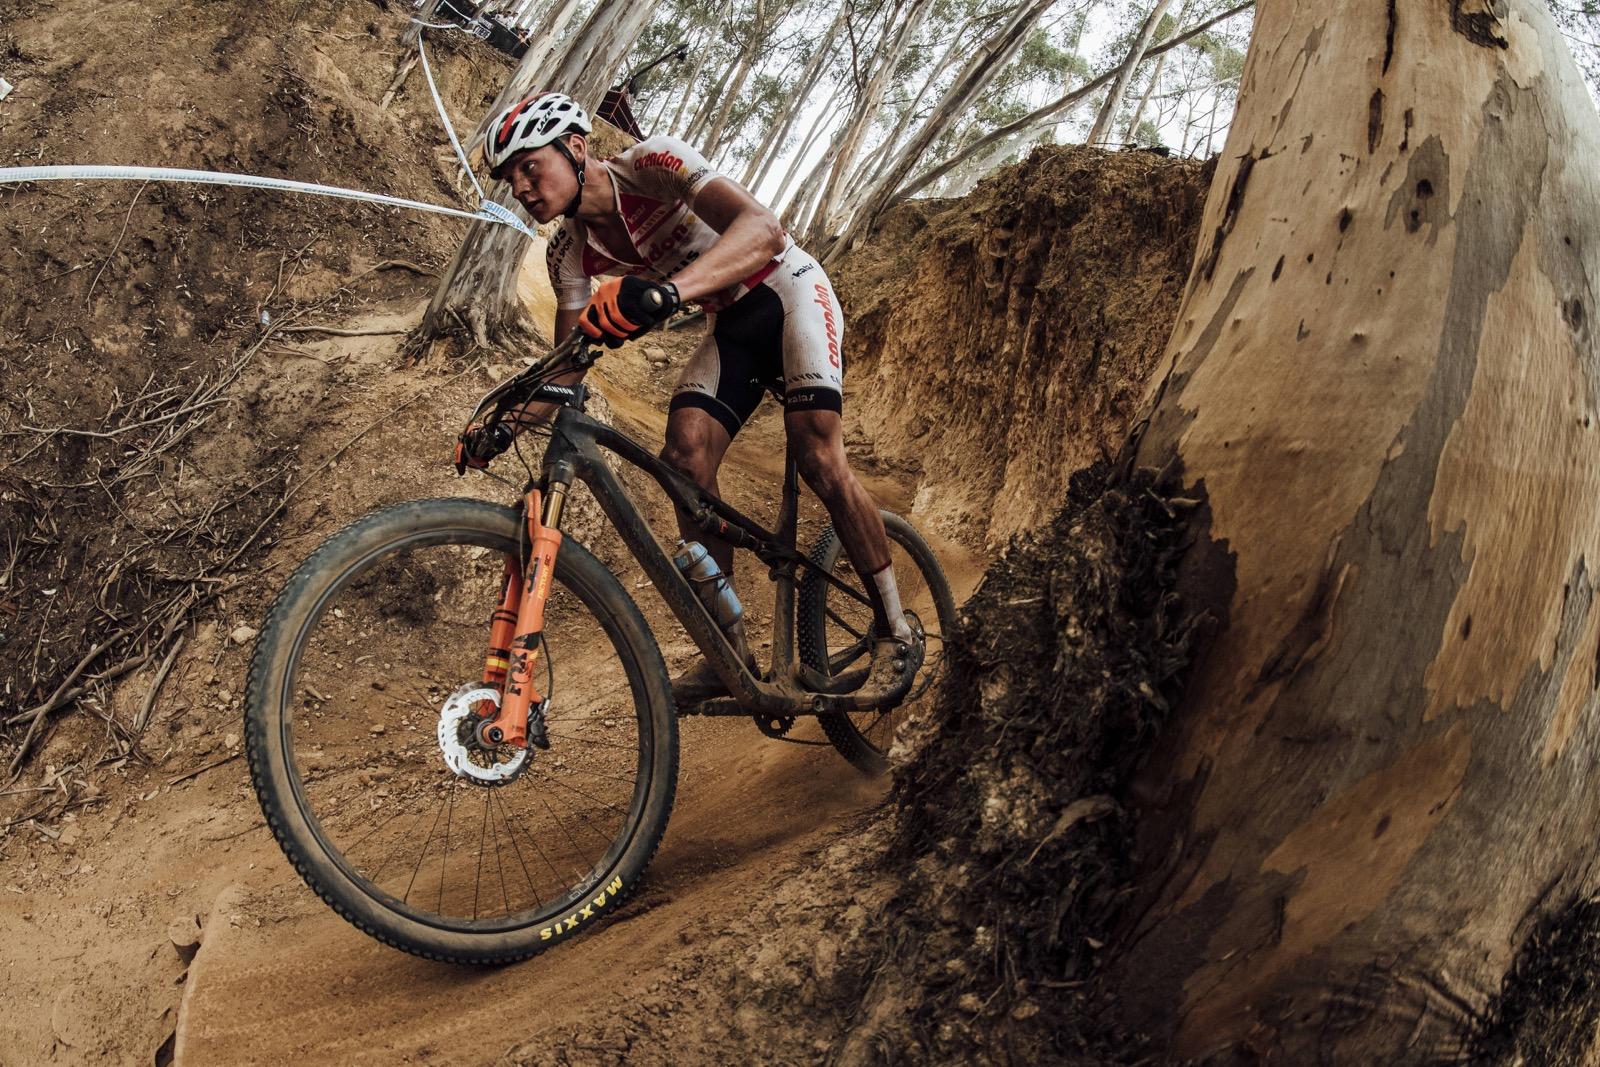 xc bike spied in stellenbosch